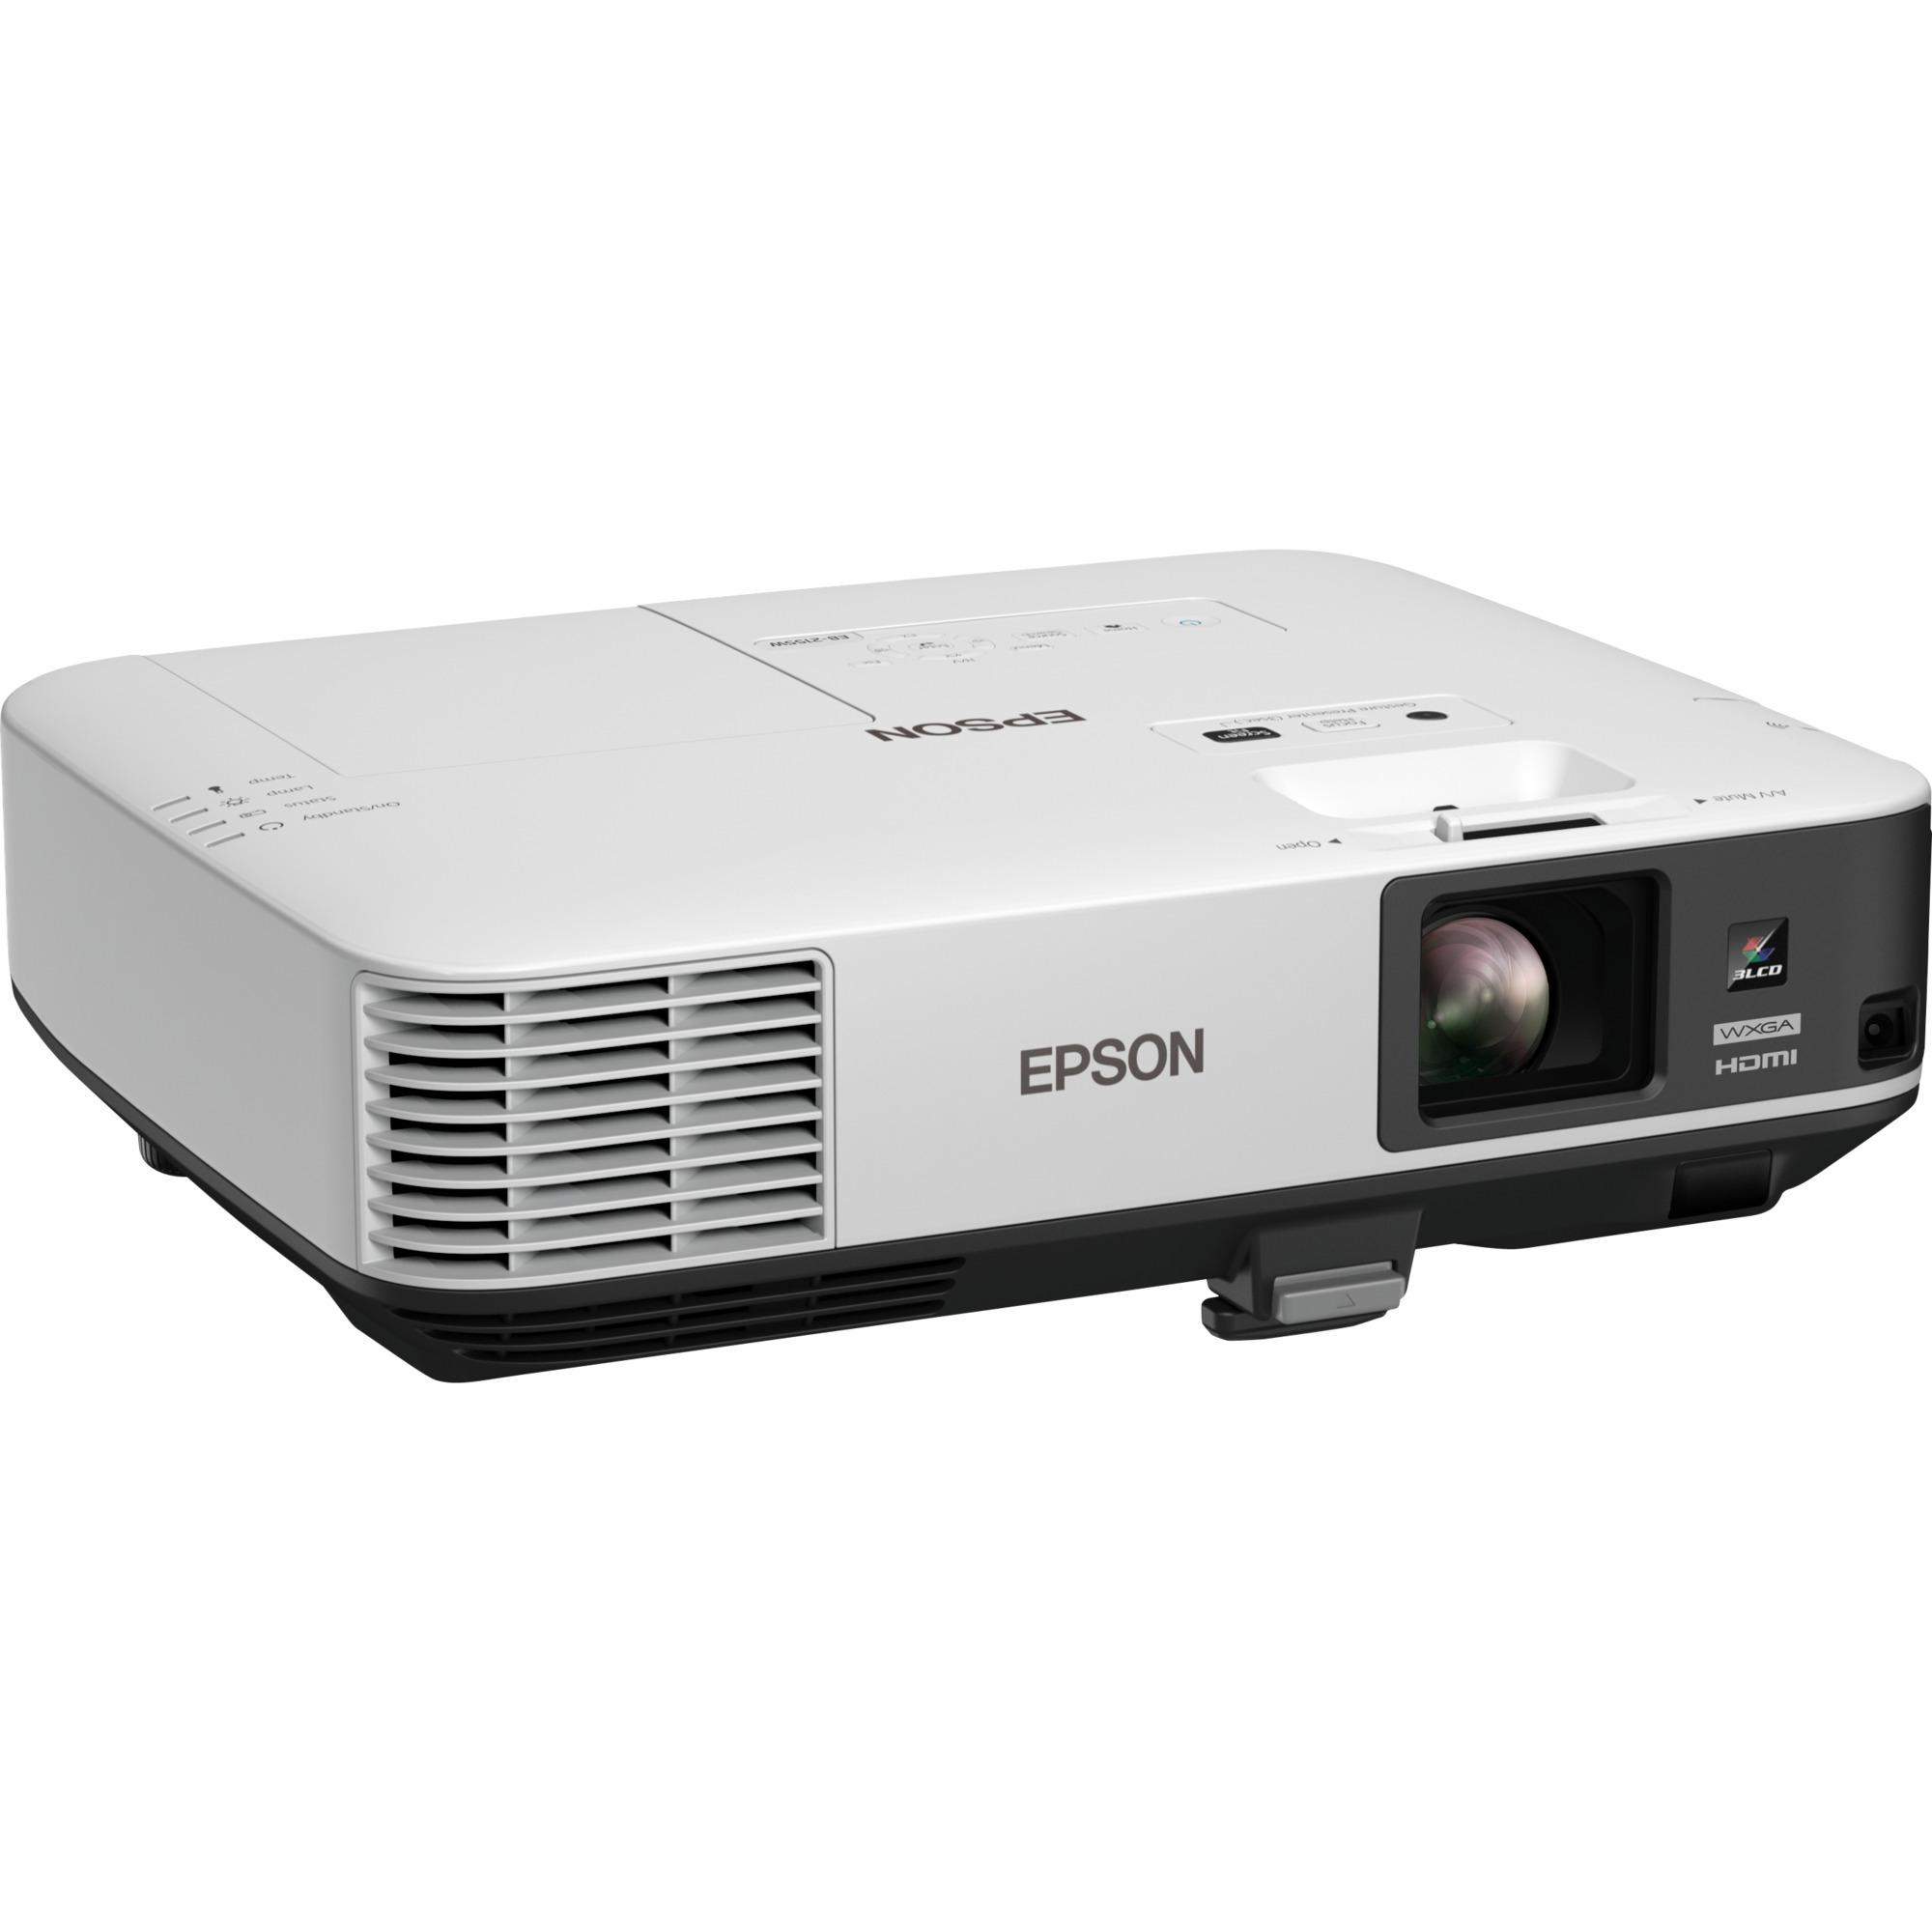 EB-2155W Projecteur de bureau 5000ANSI lumens 3LCD WXGA (1280x800) Blanc vidéo-projecteur, Projecteur LCD